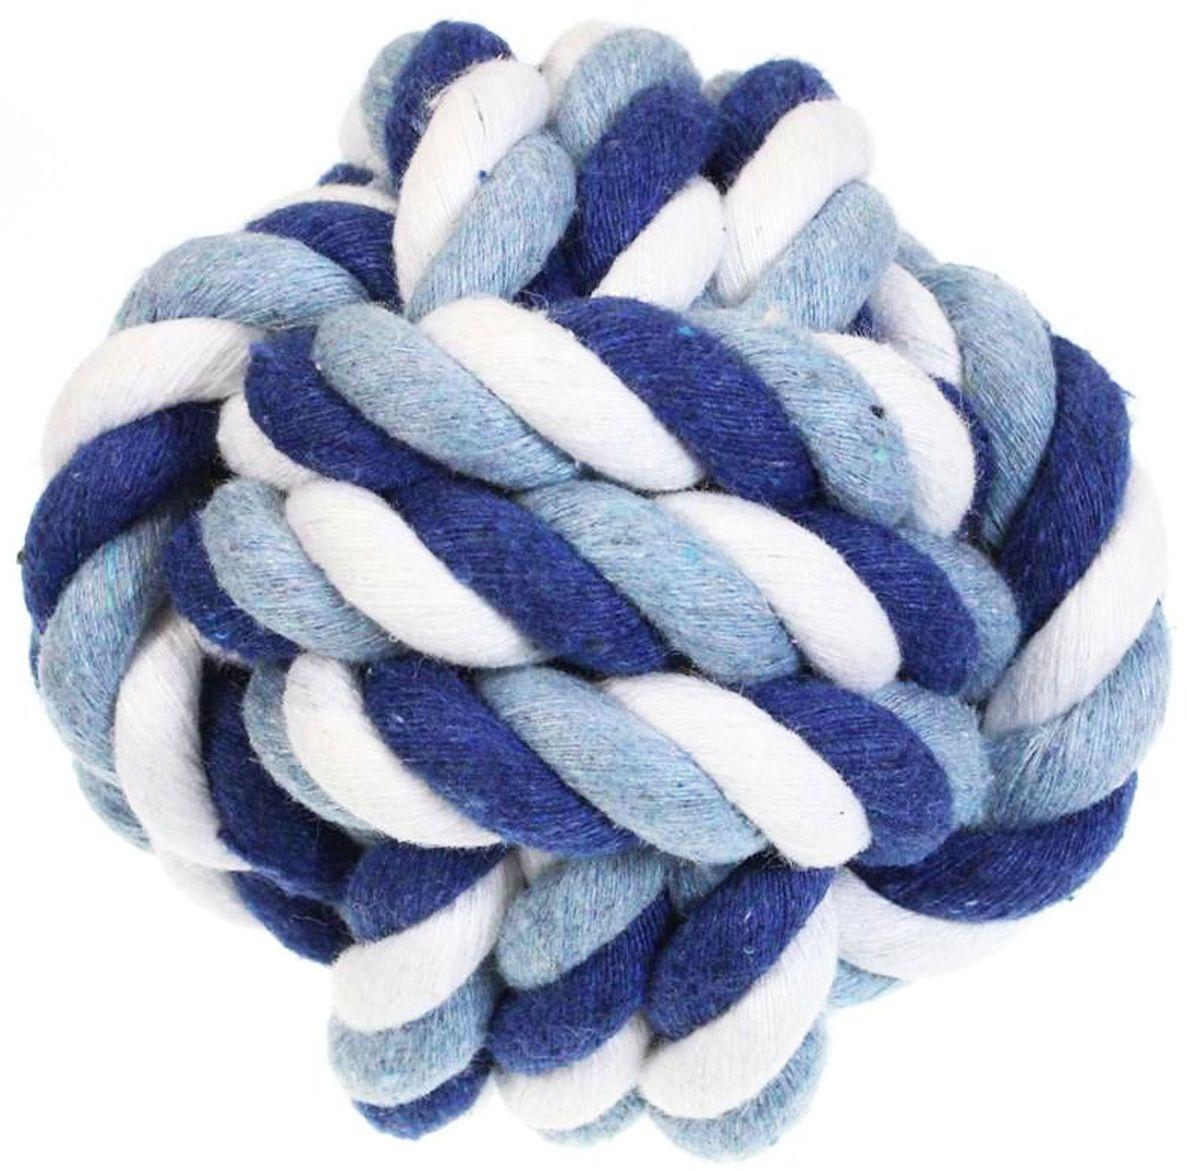 Игрушка для собак Gaffy Pet Мячик веревочный большой, цвет: голубой, 7 х 7 см11045 большой голубойОчень прочный мячик Gaffy Pet из канатных веревок прослужит вам долгое время.Выполнен в ярких цветах. 100% хлопок.